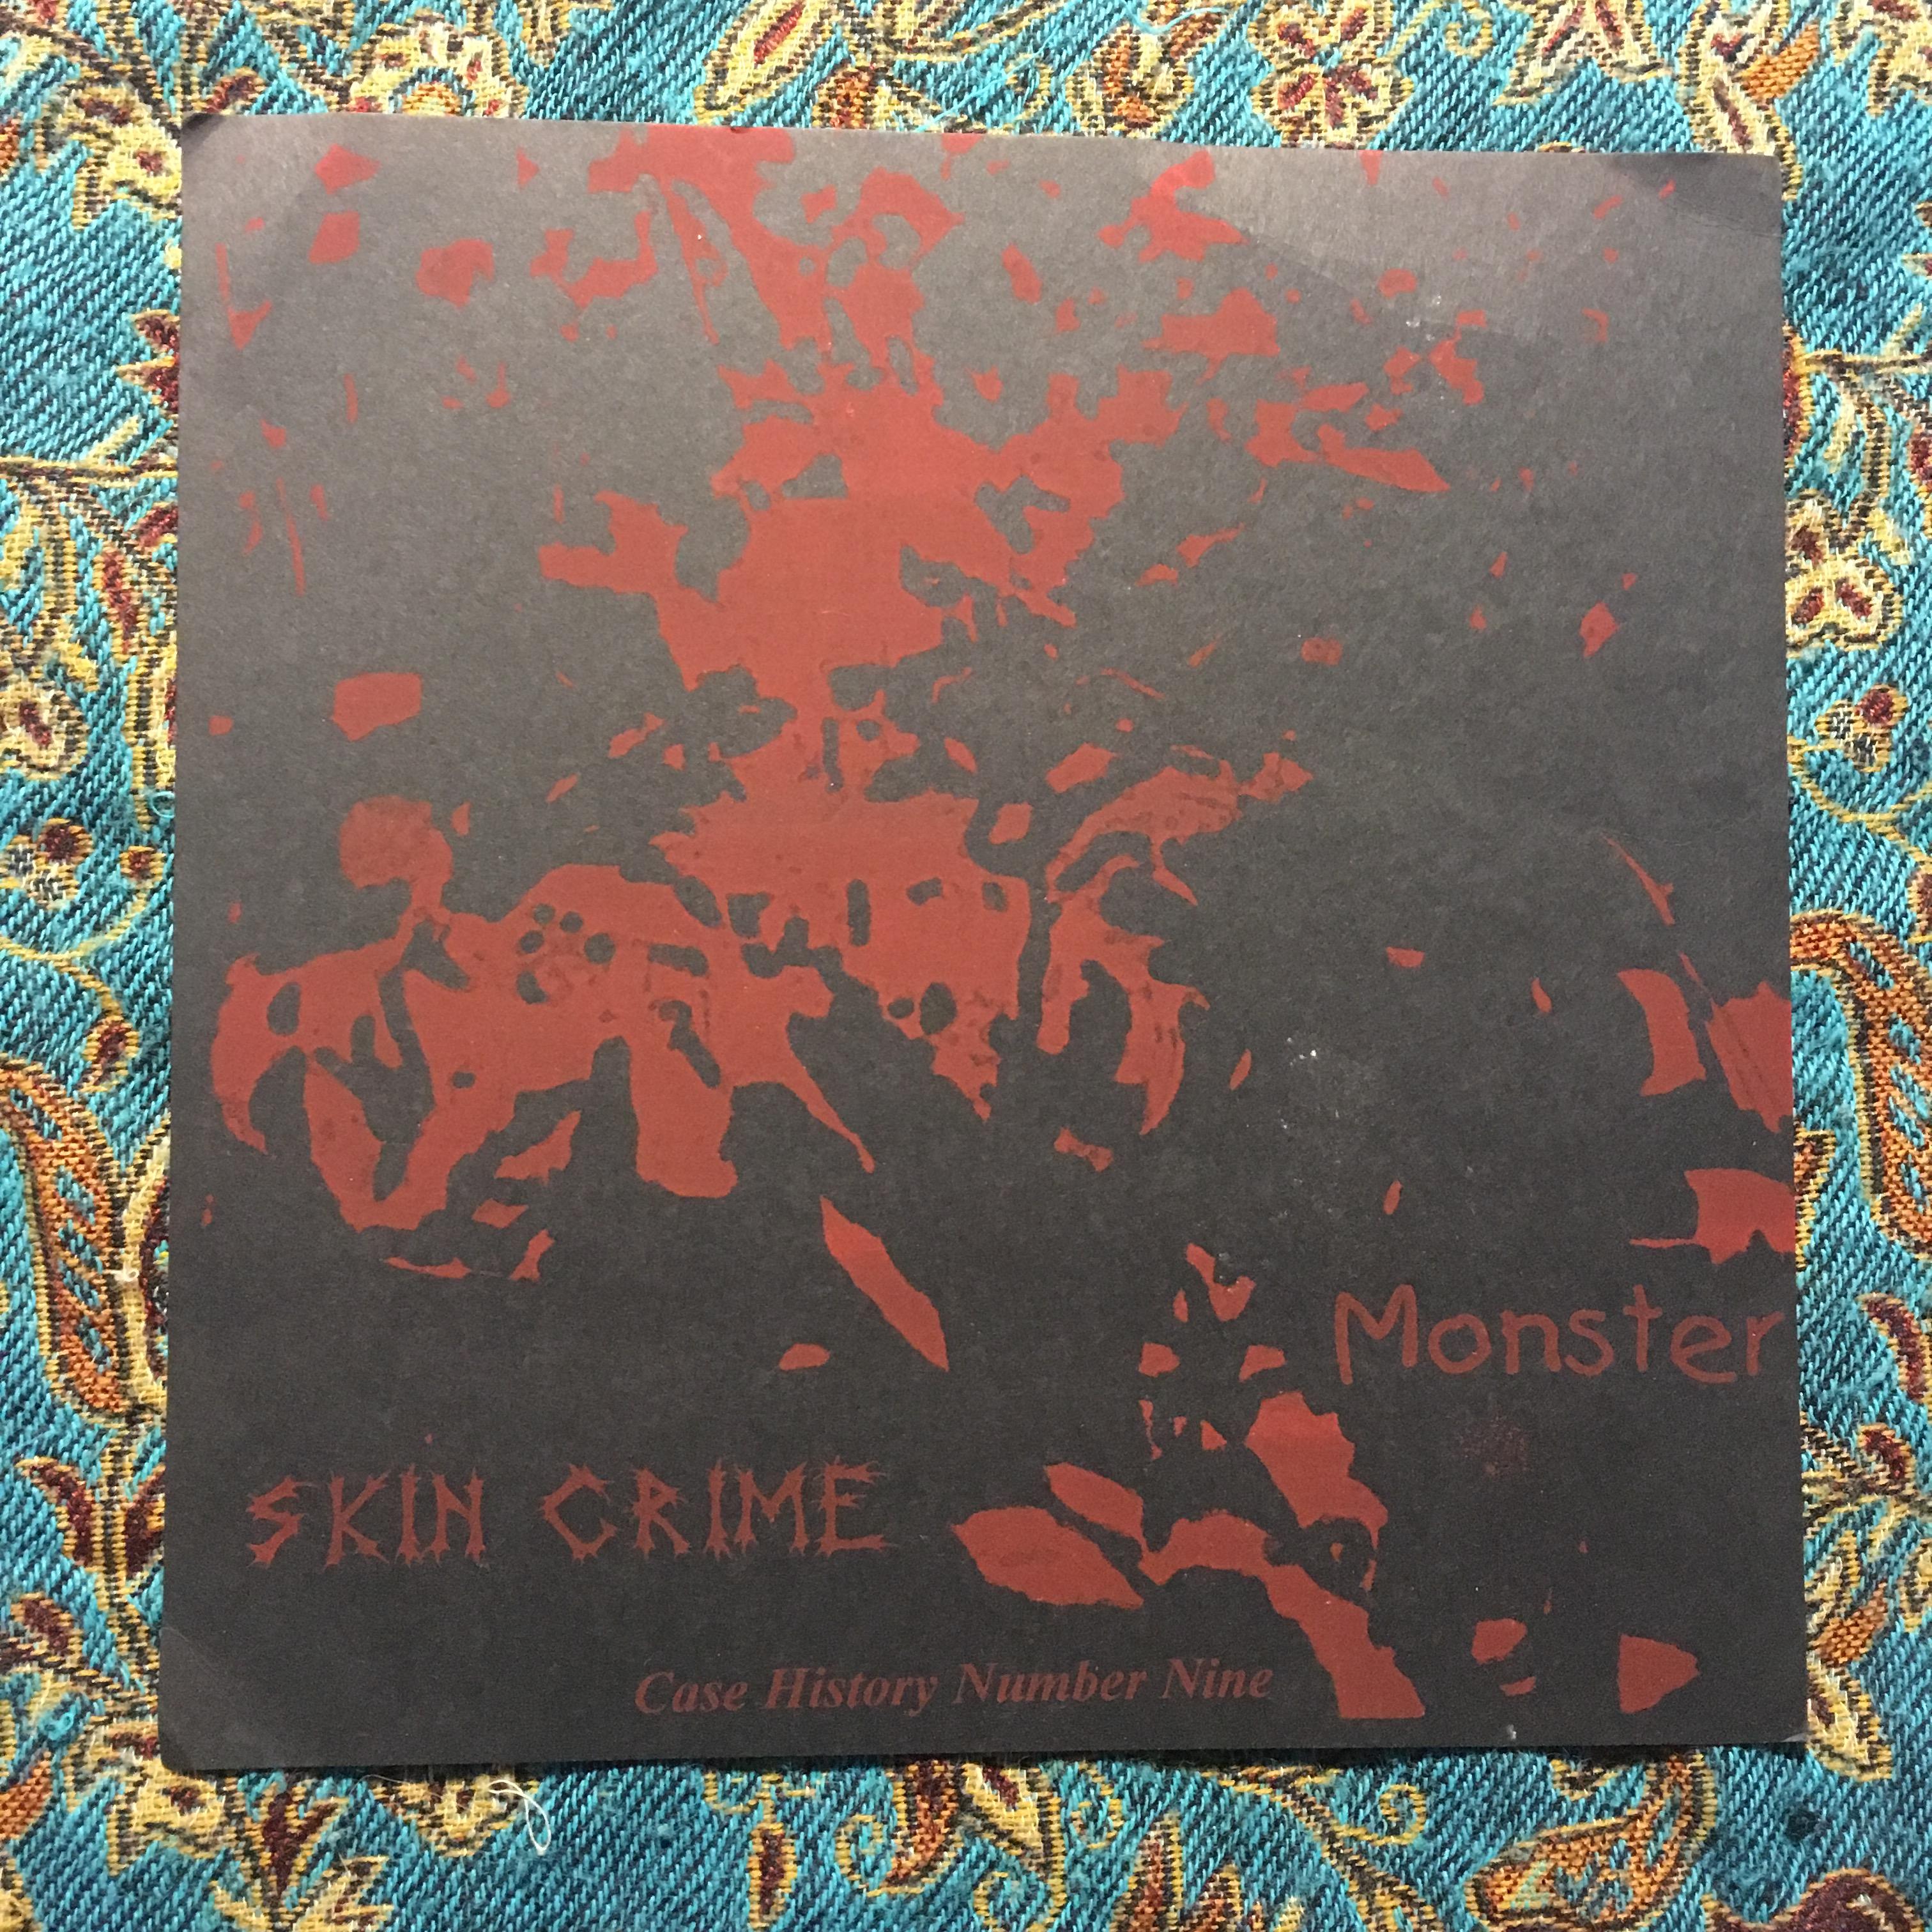 """SKIN CRIME – Monster 7"""" (Self Abuse Murder Series) (VG+/NM)"""